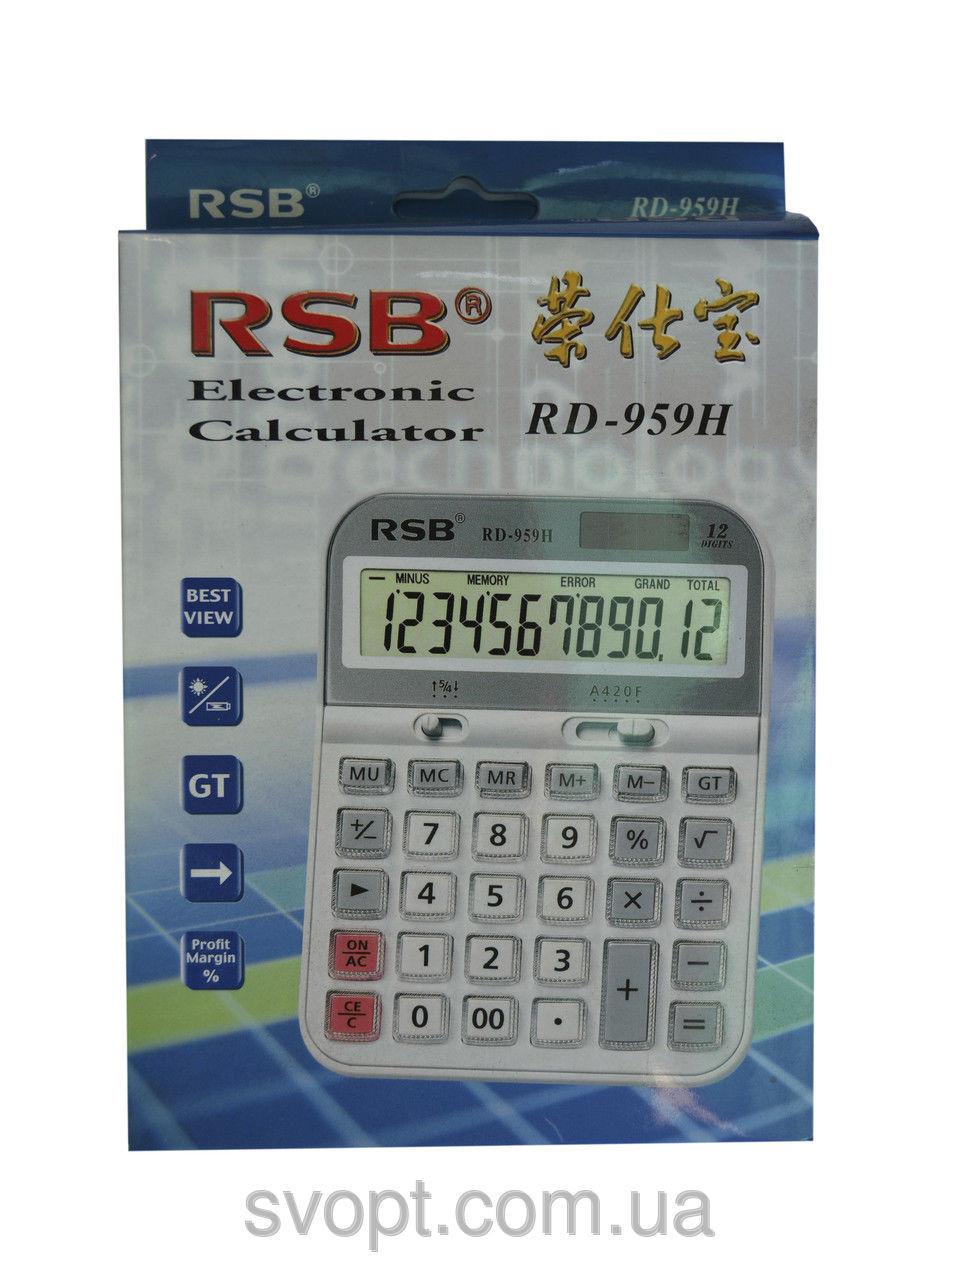 Калькулятор RSB rd-959h